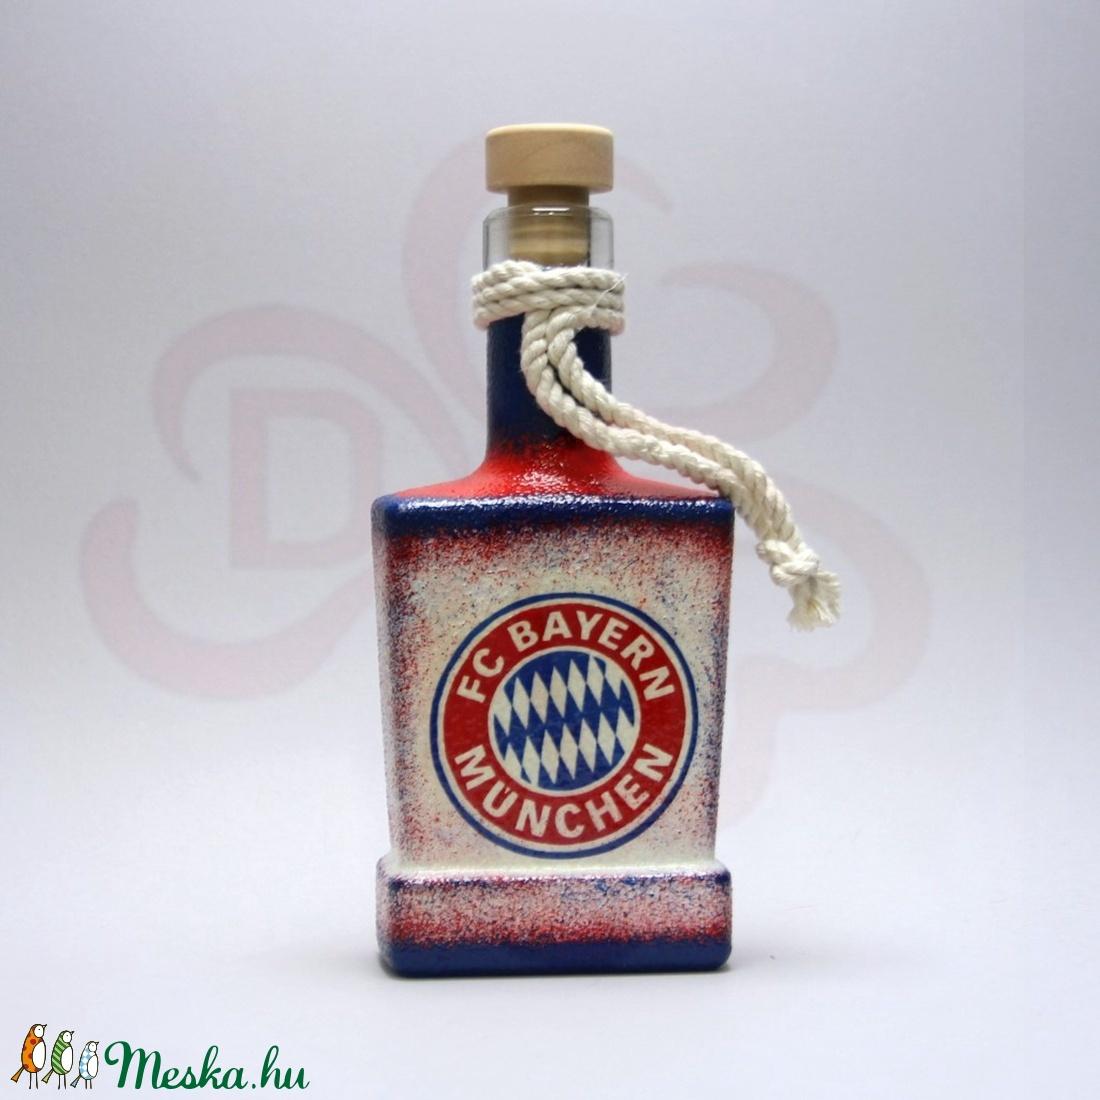 BAYERN MÜNCHEN italos üveg ; futball szurkoló férfiaknak - Meska.hu